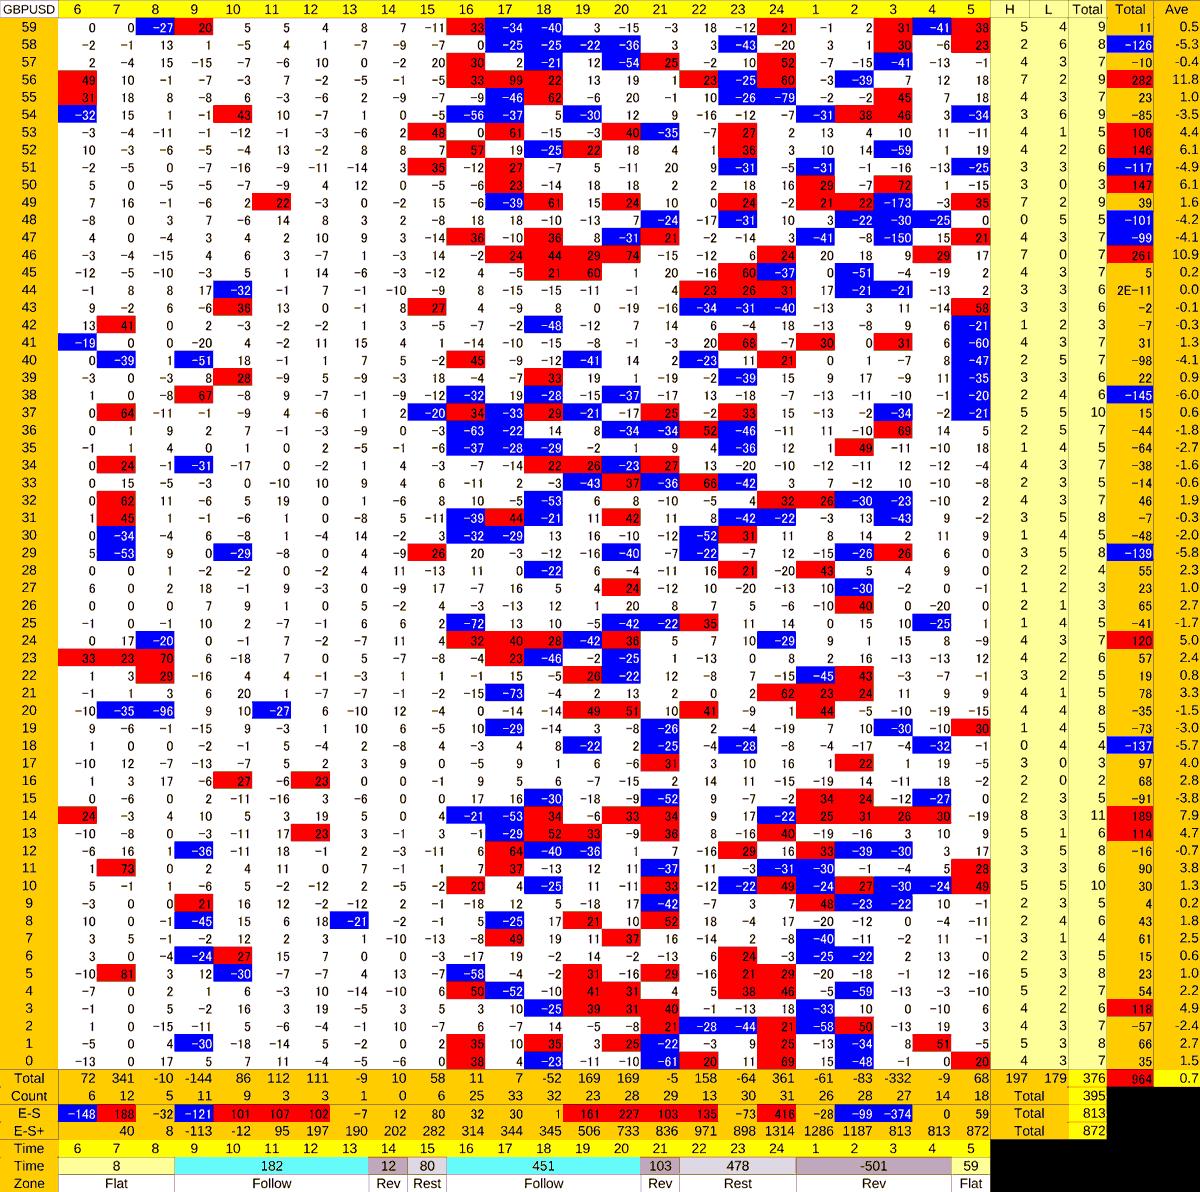 20201203_HS(2)GBPUSD